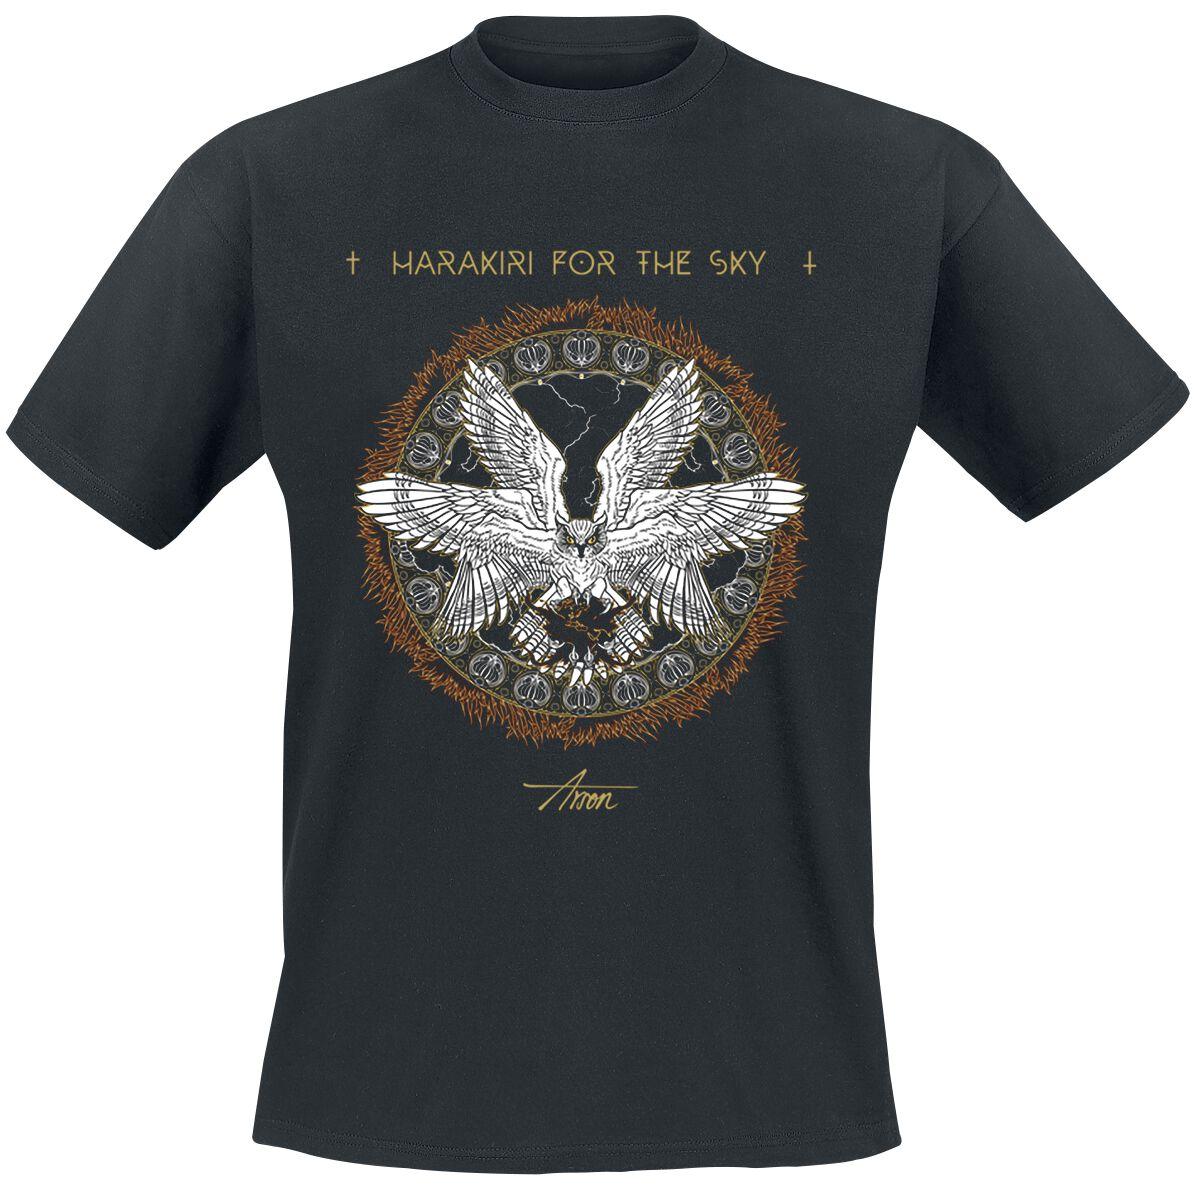 Image of   Harakiri For The Sky Arson Alternate T-Shirt sort